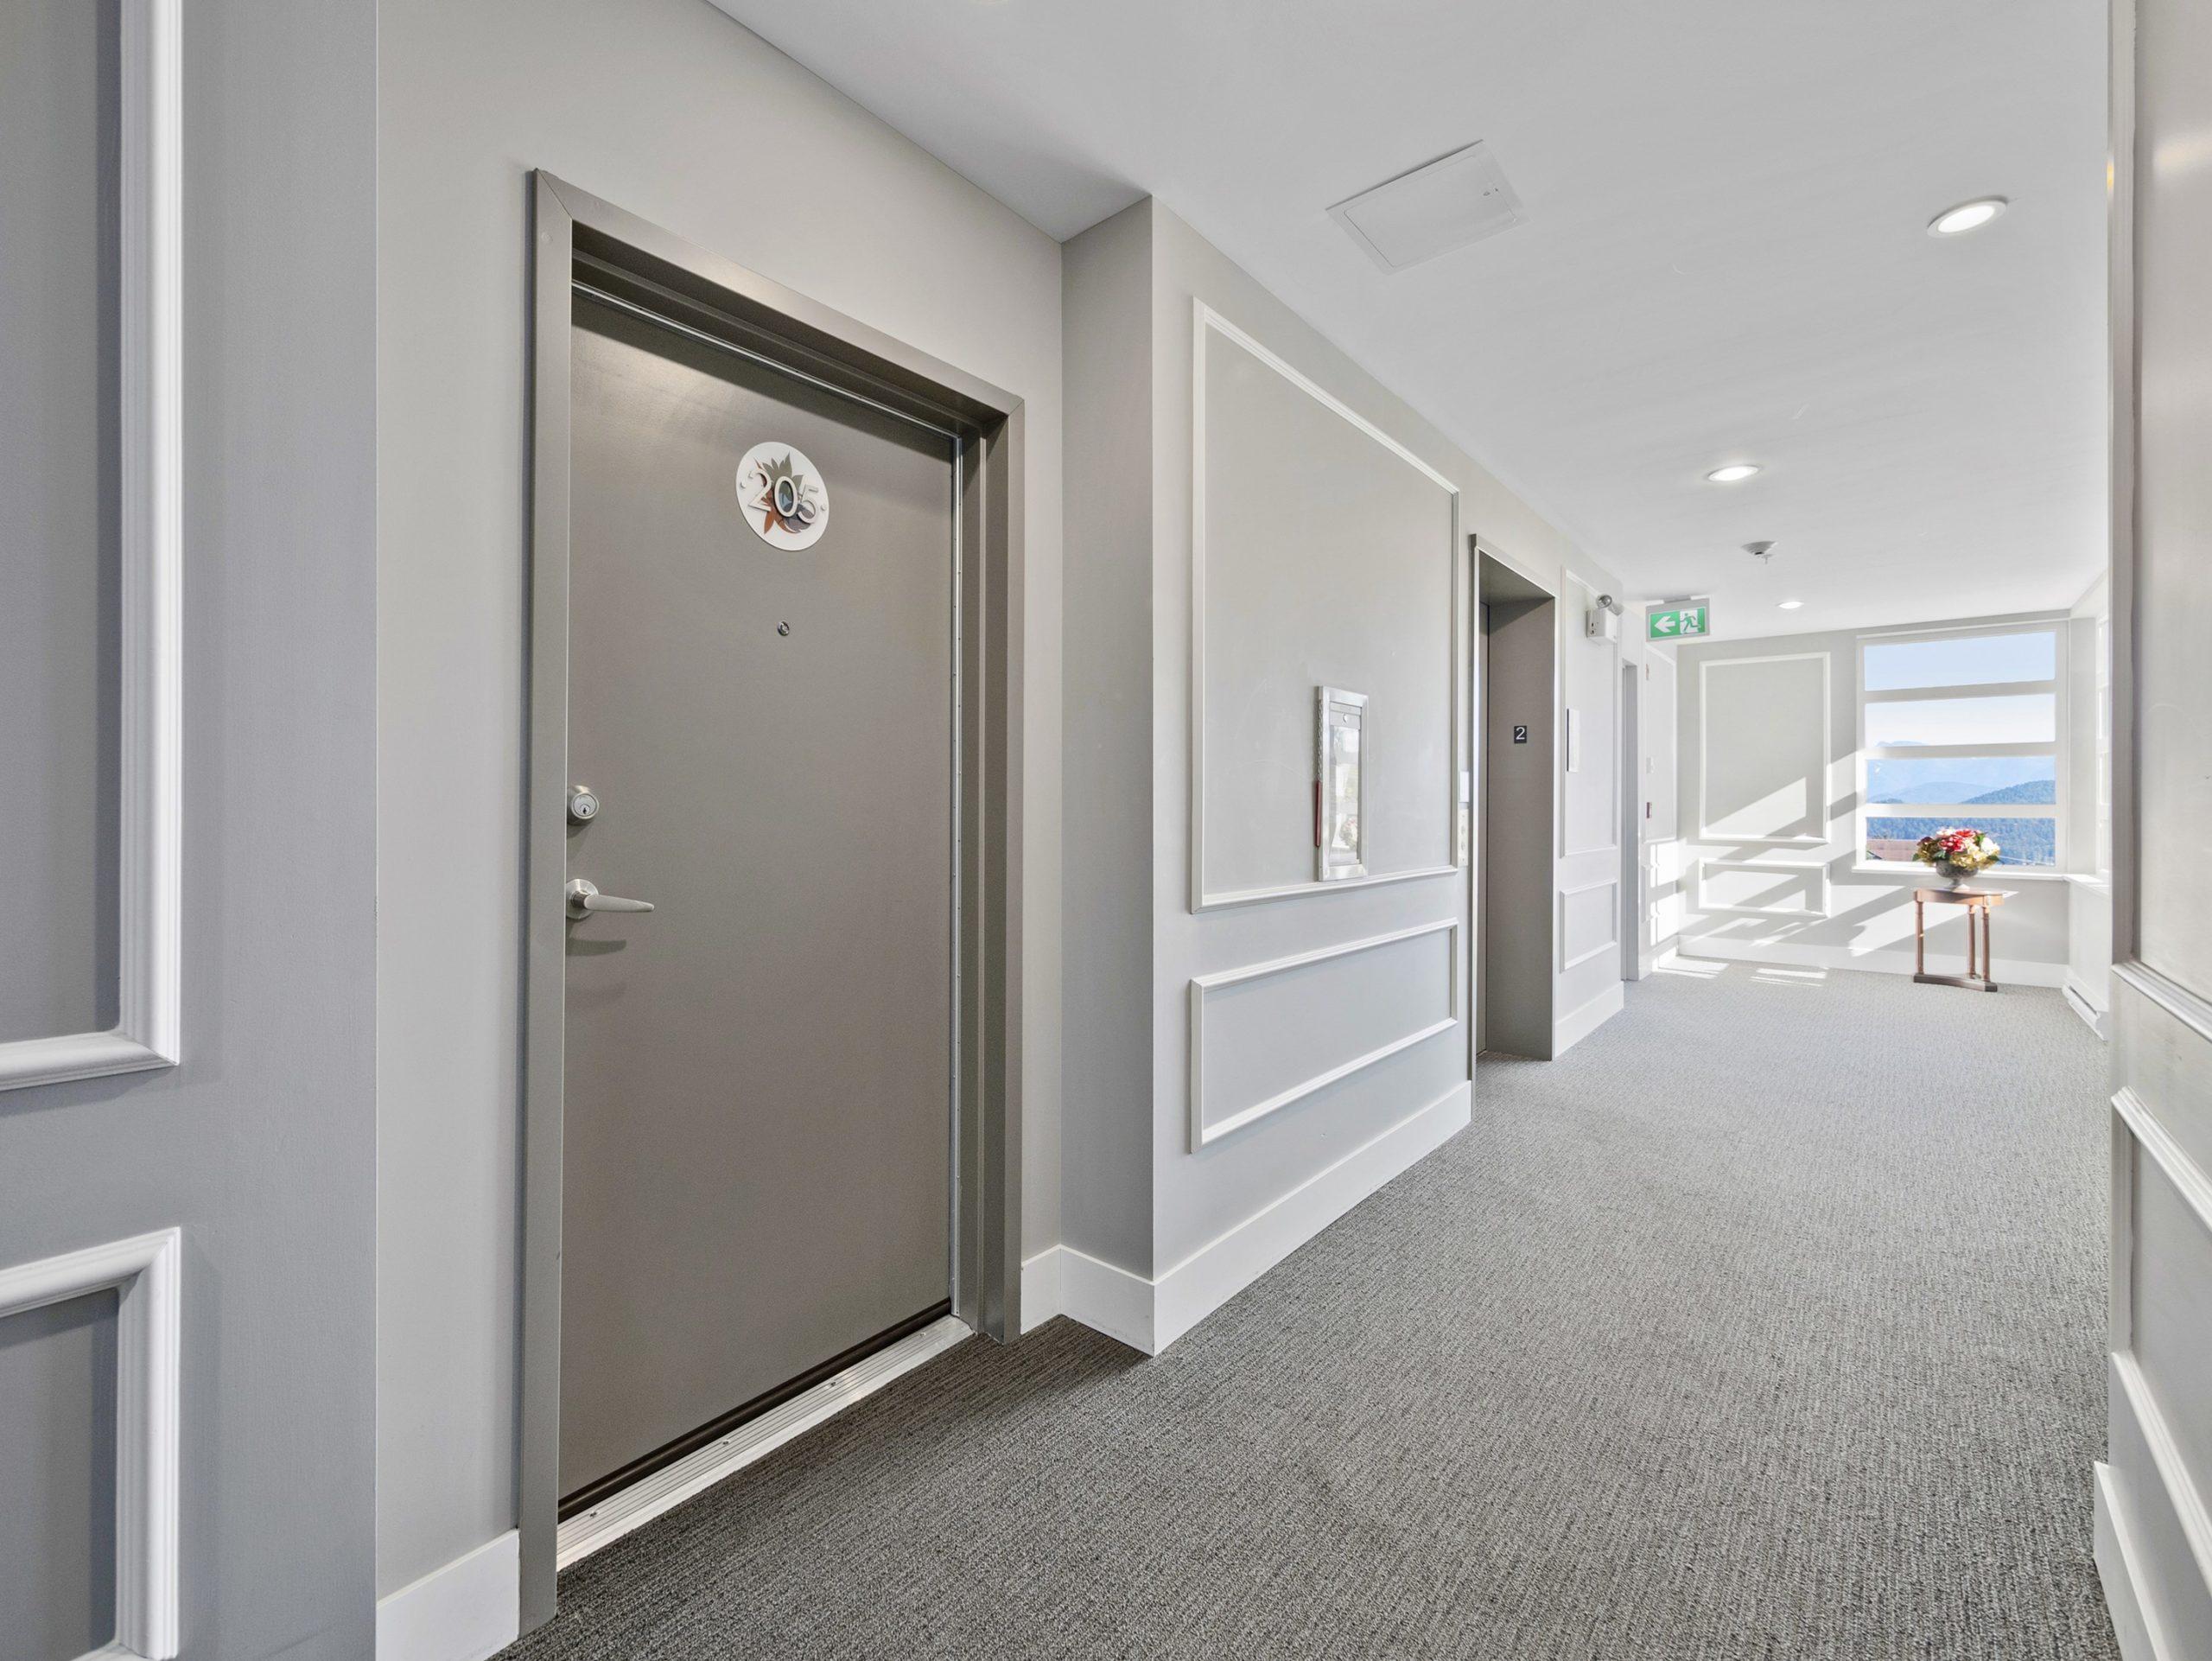 p82 door to suite from hallway_AK